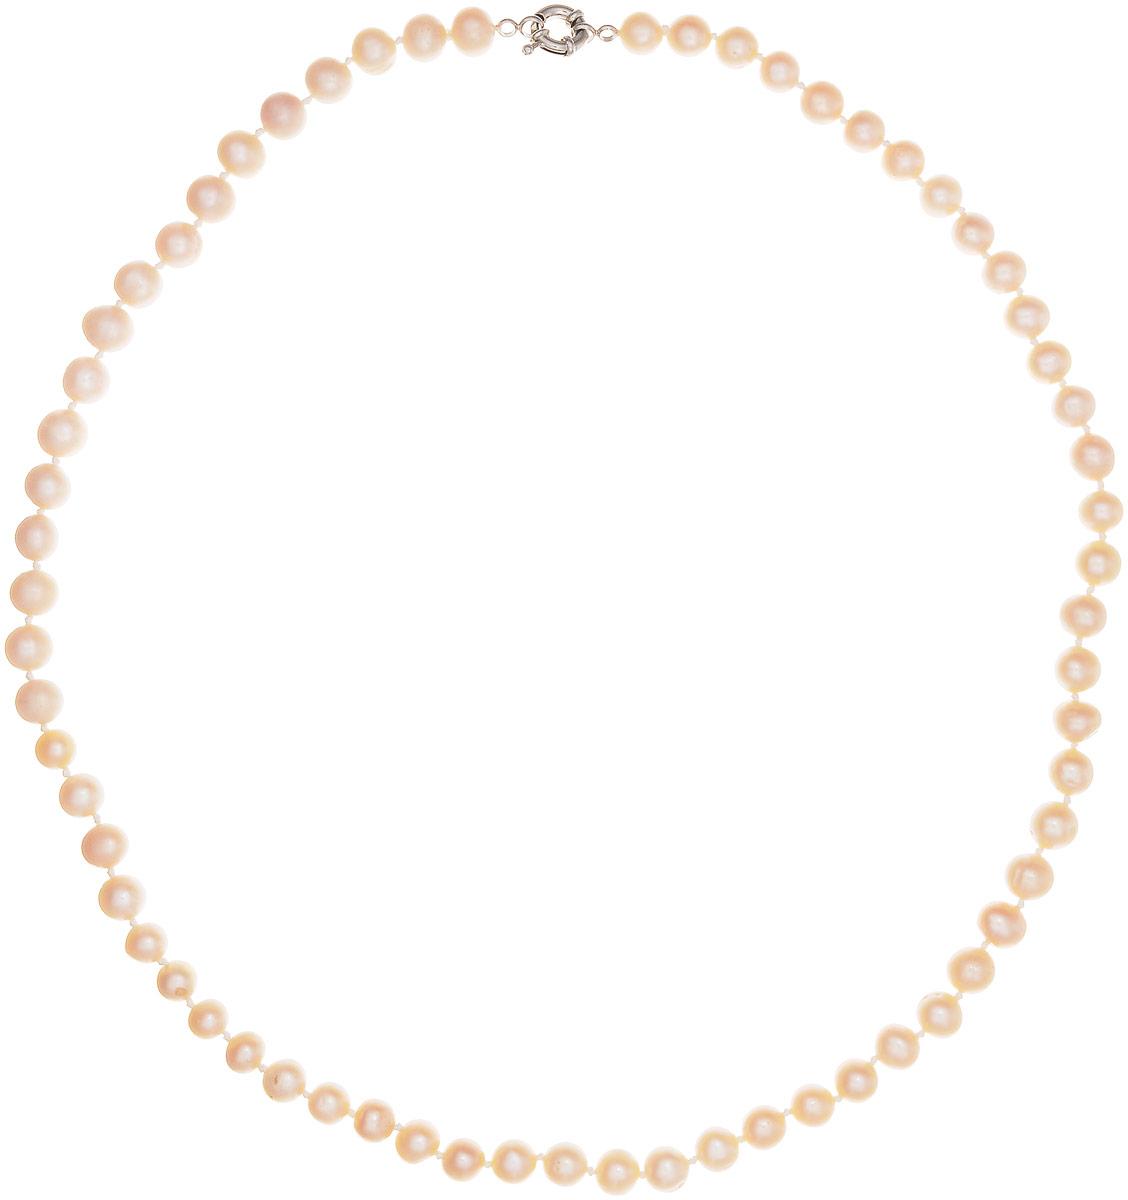 Бусы Art-Silver, цвет: пепельно-розовый, длина 60 см. КЖр9-10А+60-905Бусы-ниткаБусы Art-Silver изготовлены из культивированного жемчуга. Изделие оформлено однотонными бусинами и застегивается на шпренгельный замок из бижутерного сплава.